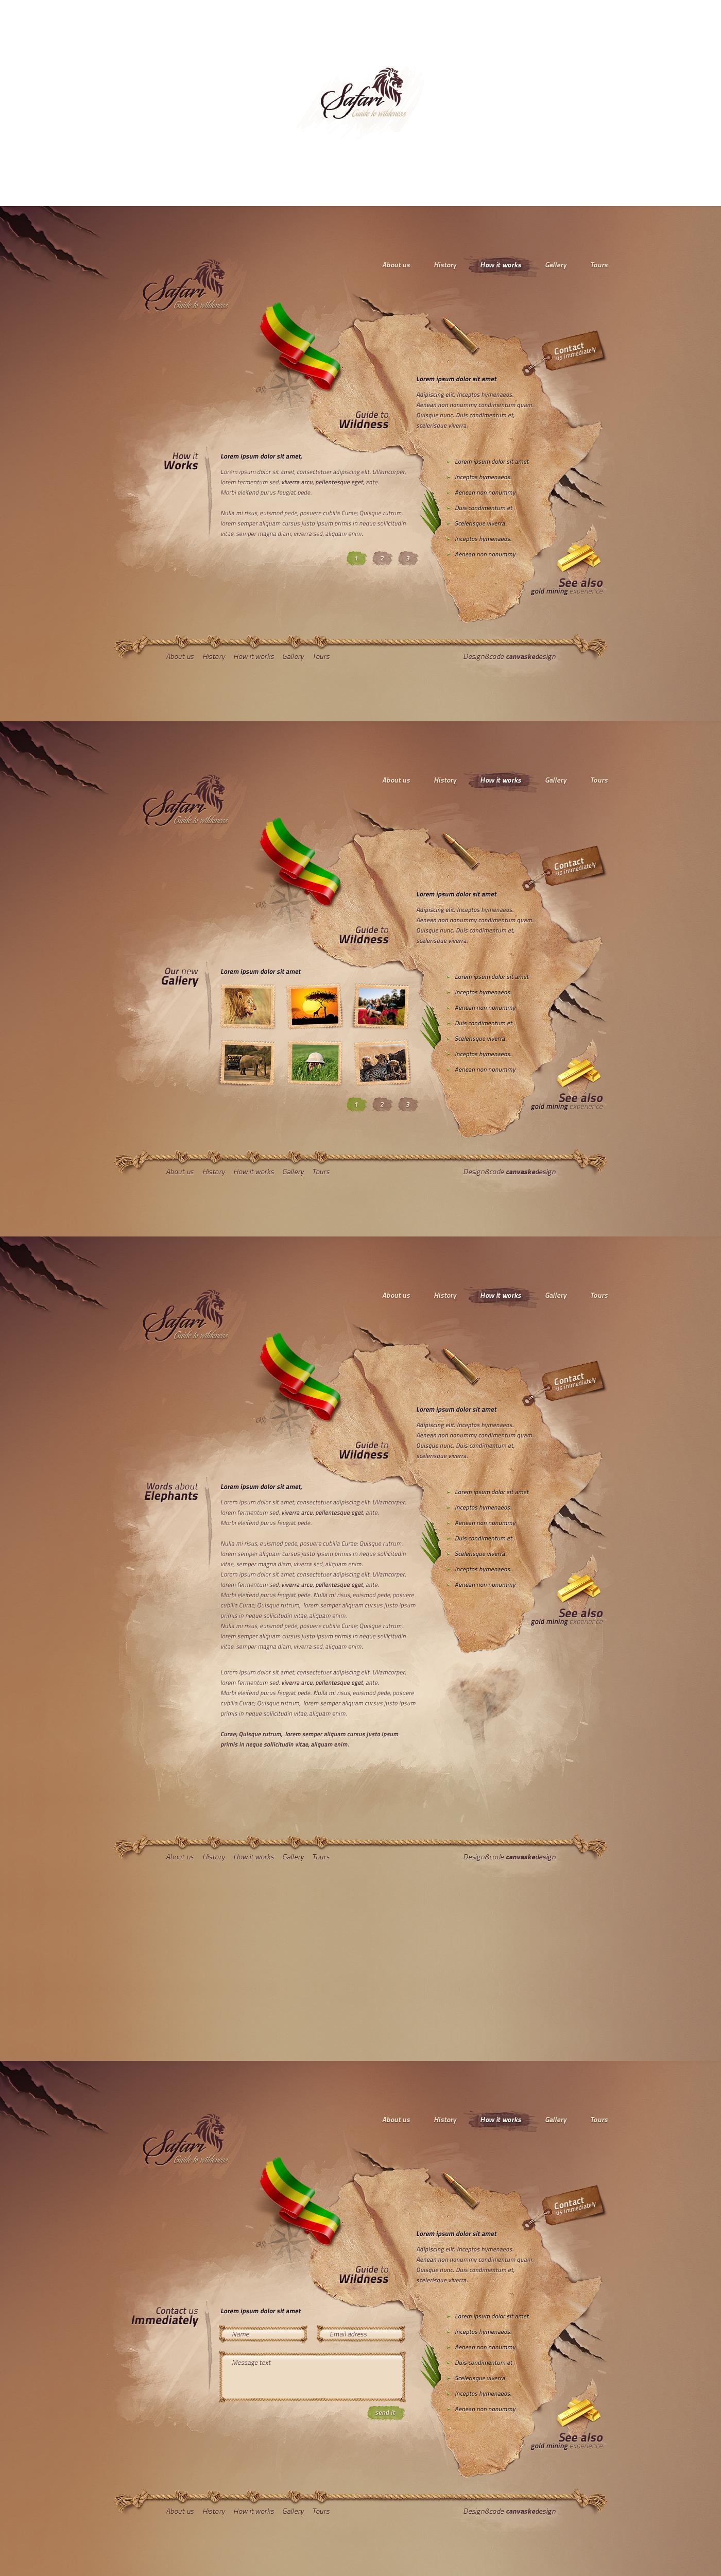 Safari lejek by canvaske